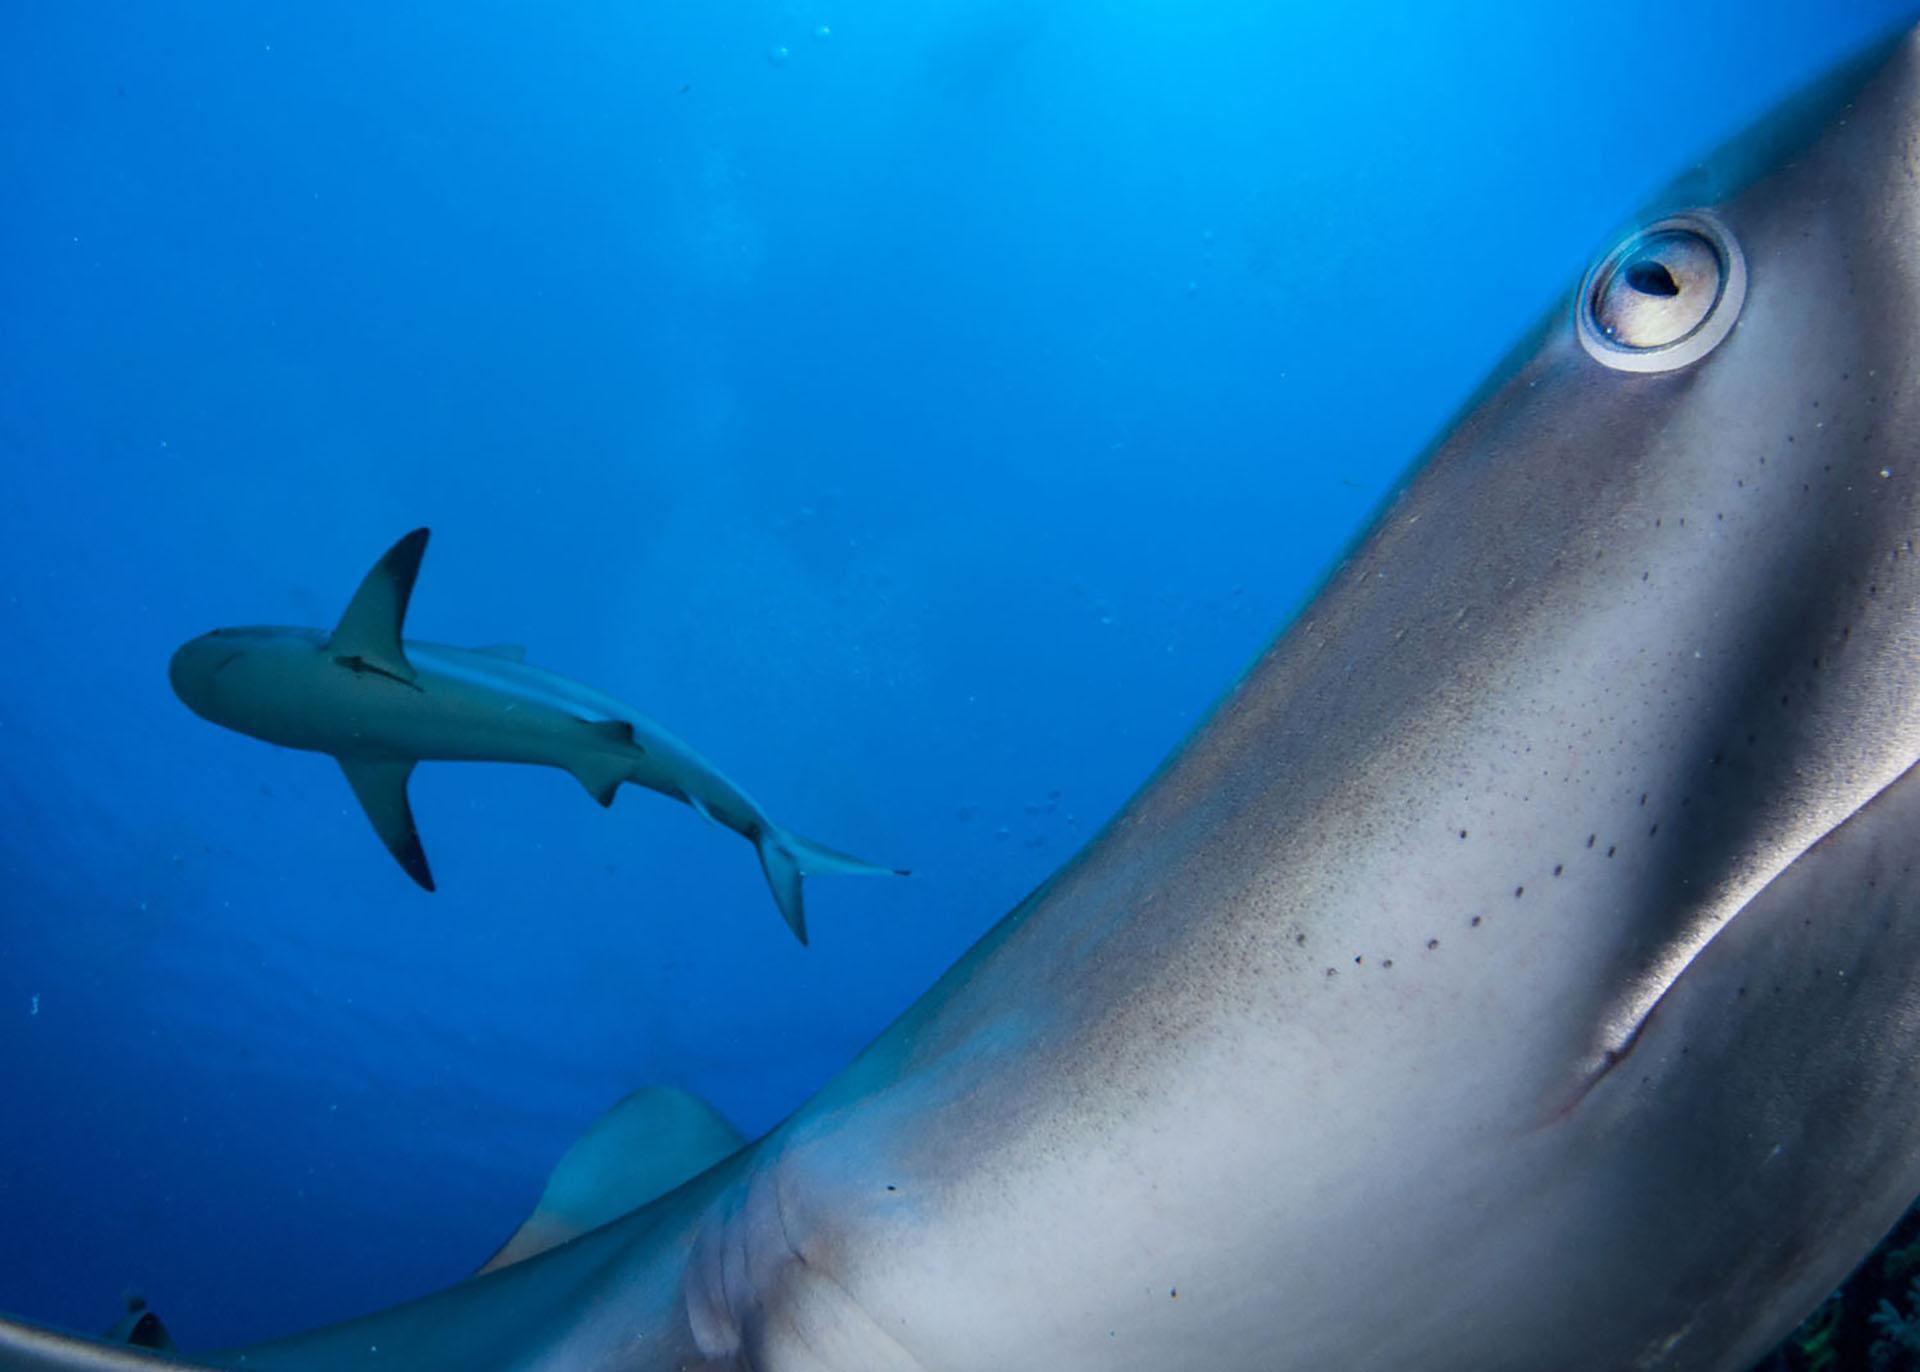 Típicamente una especie tímida, un tiburón de arrecife del Caribe investiga una cámara activada a distancia en el área protegida marina Gardens of the Queen de Cuba.